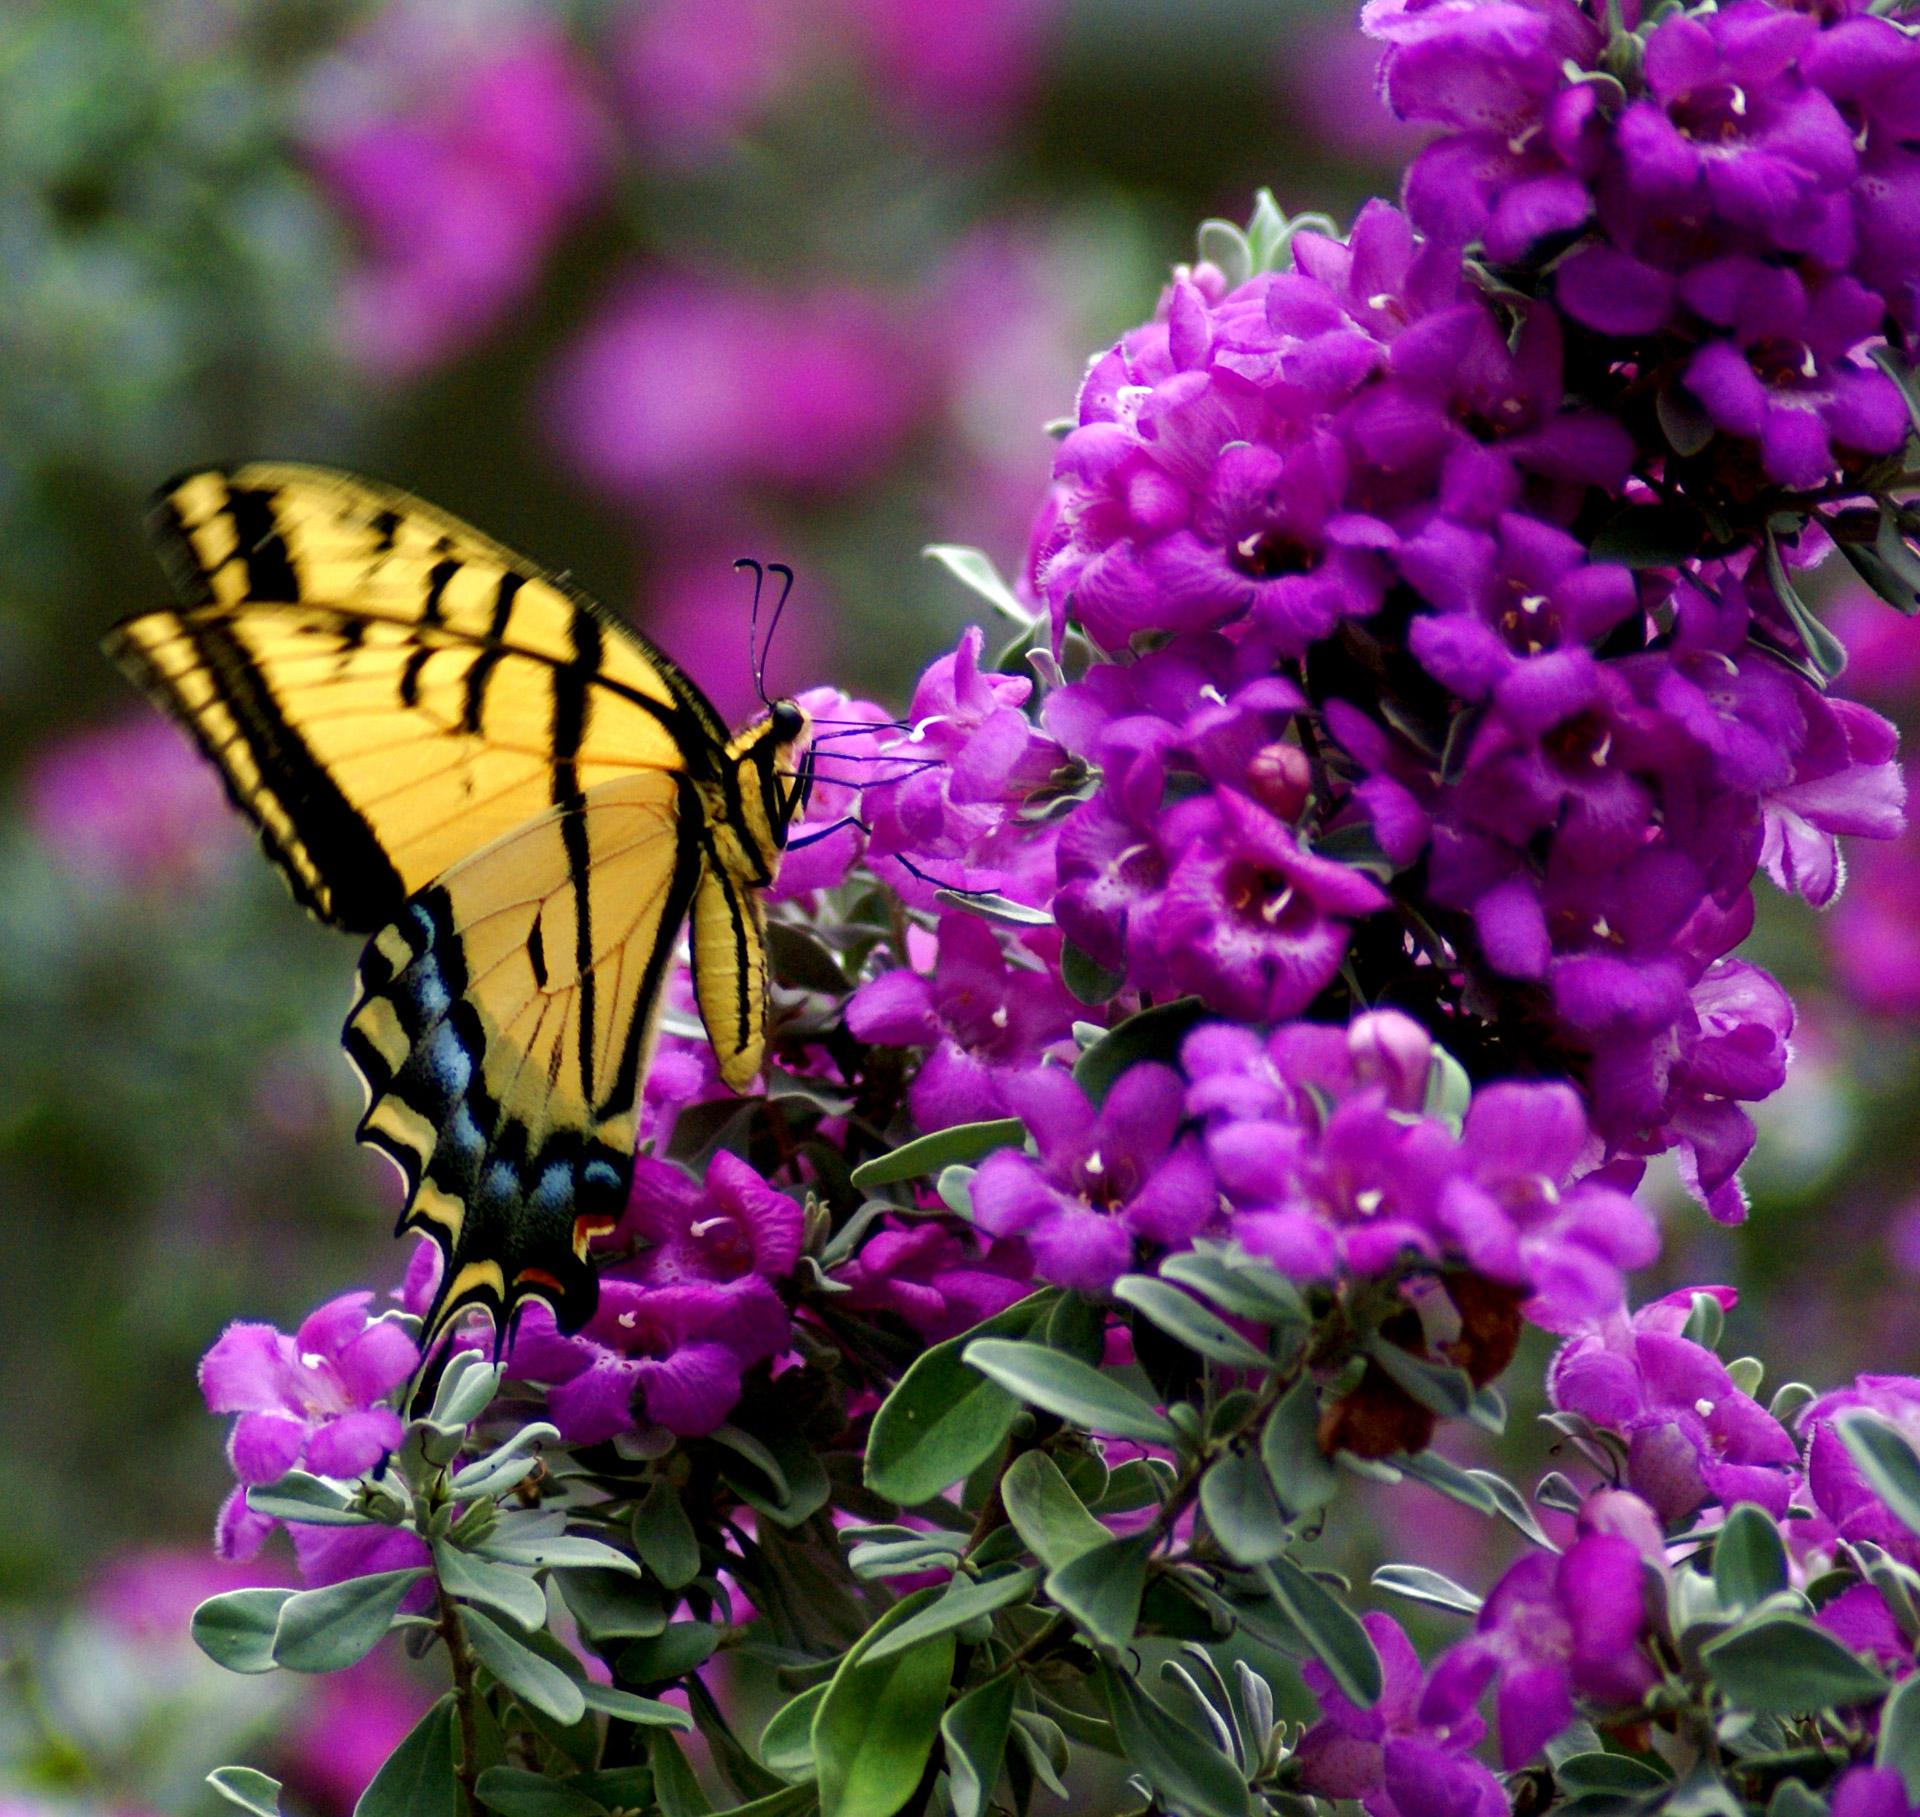 butterfly-on-flower-1352413069NbX